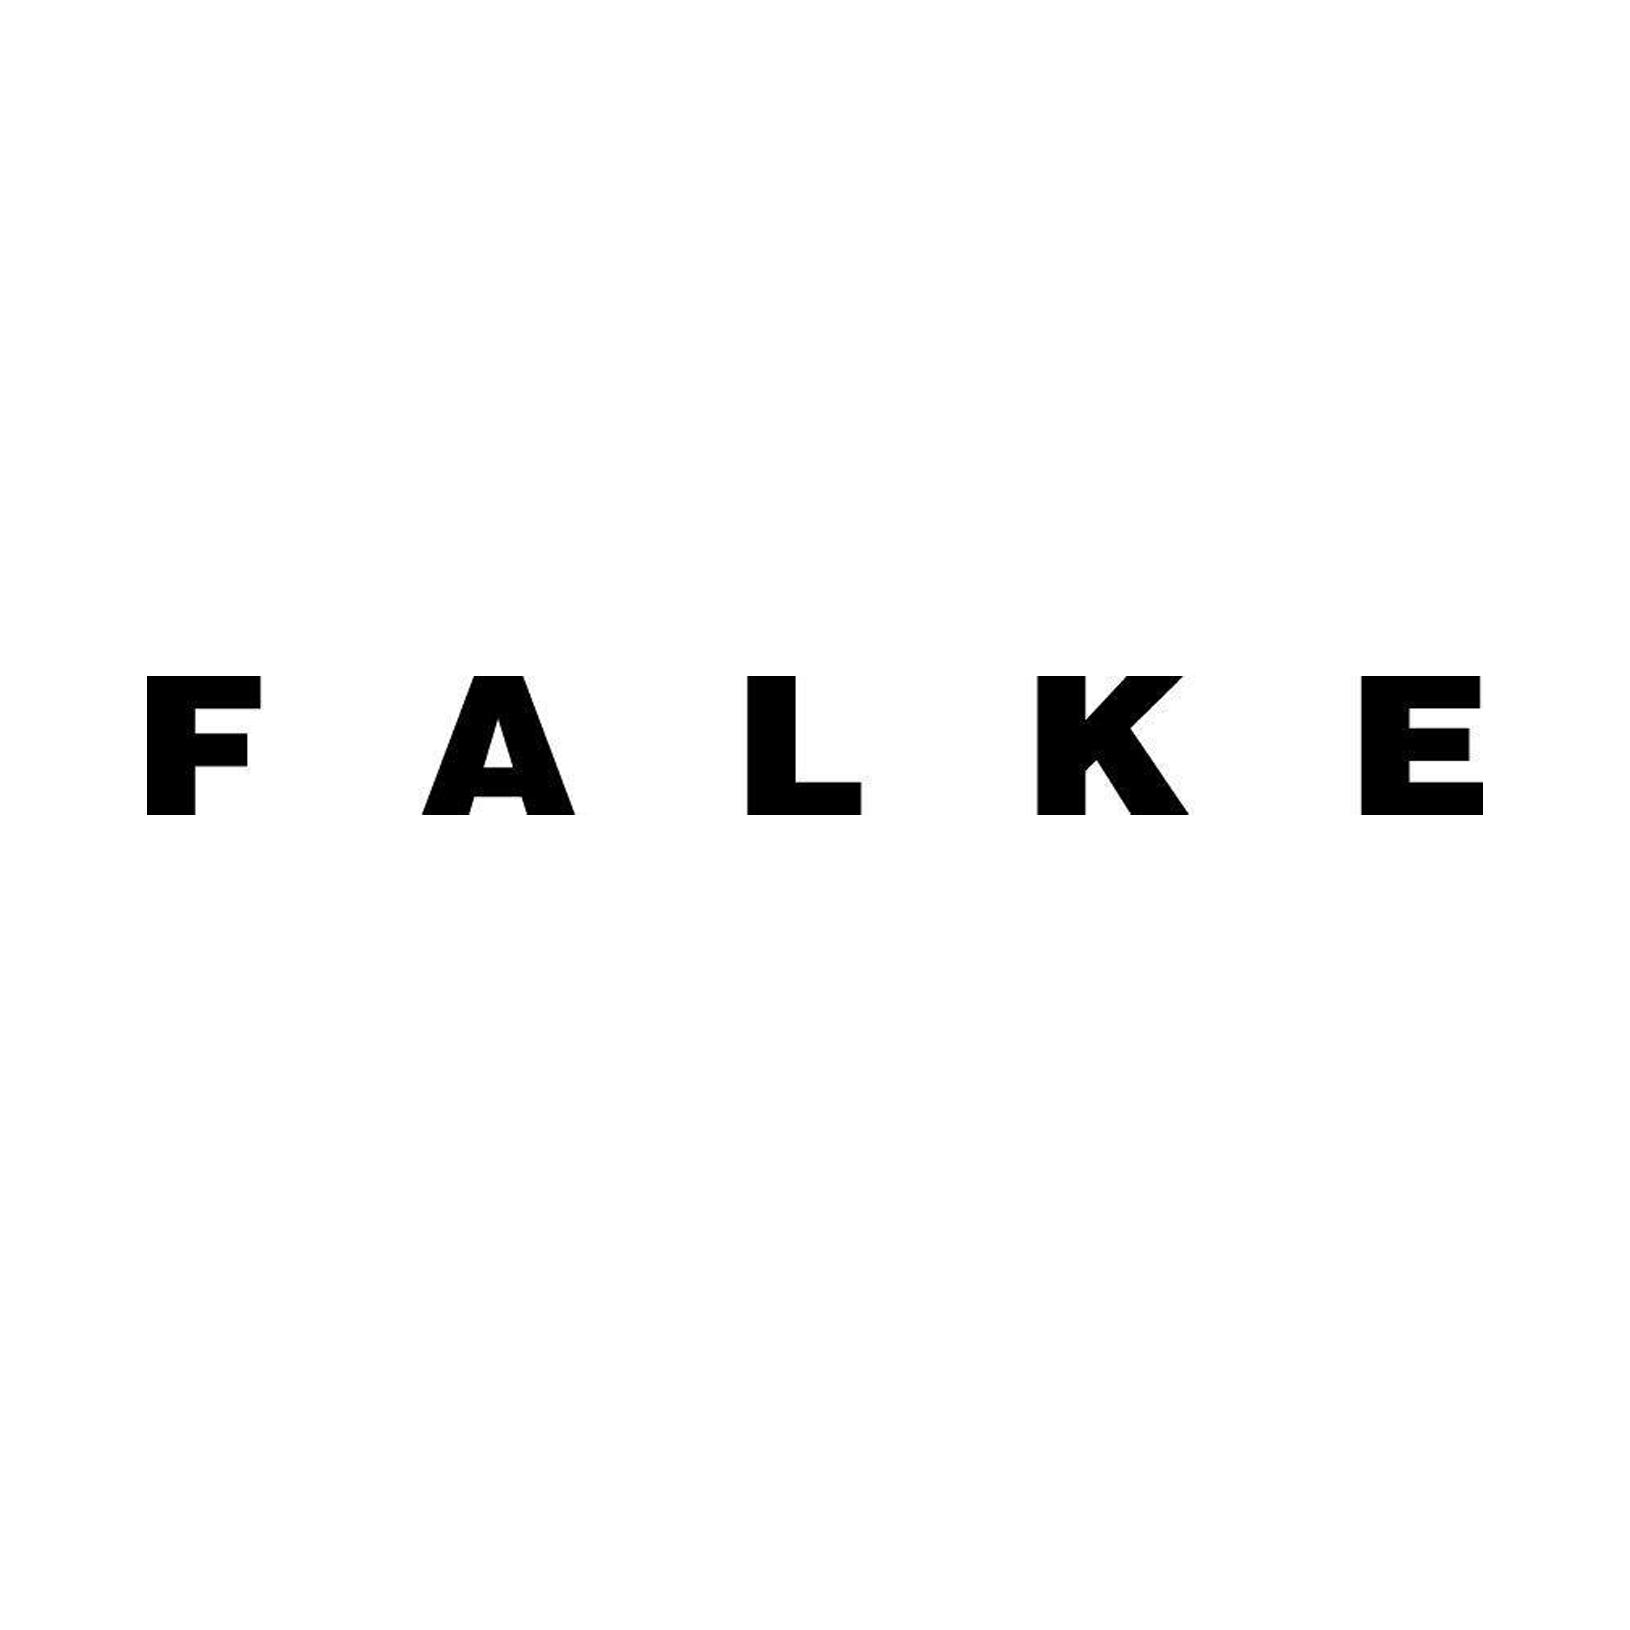 Falke image 1